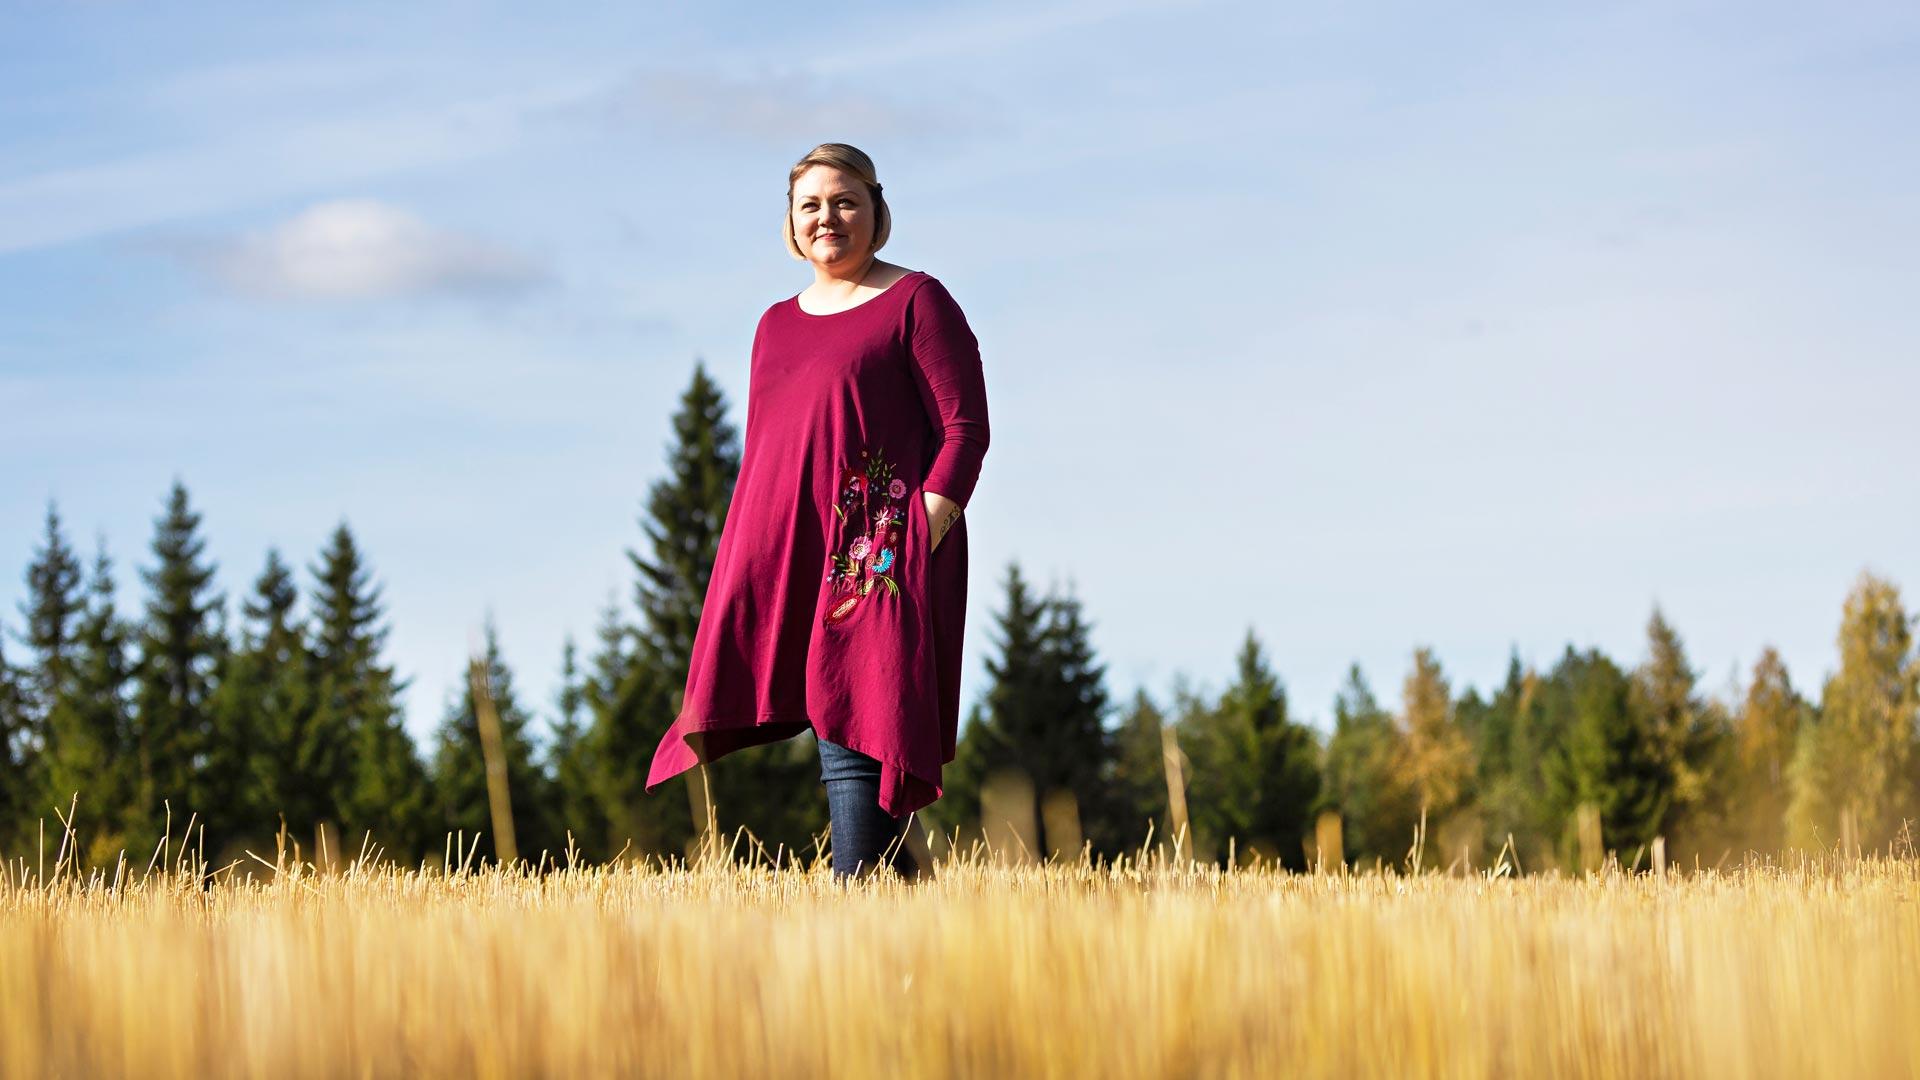 Riikka-Leena Mantsinen